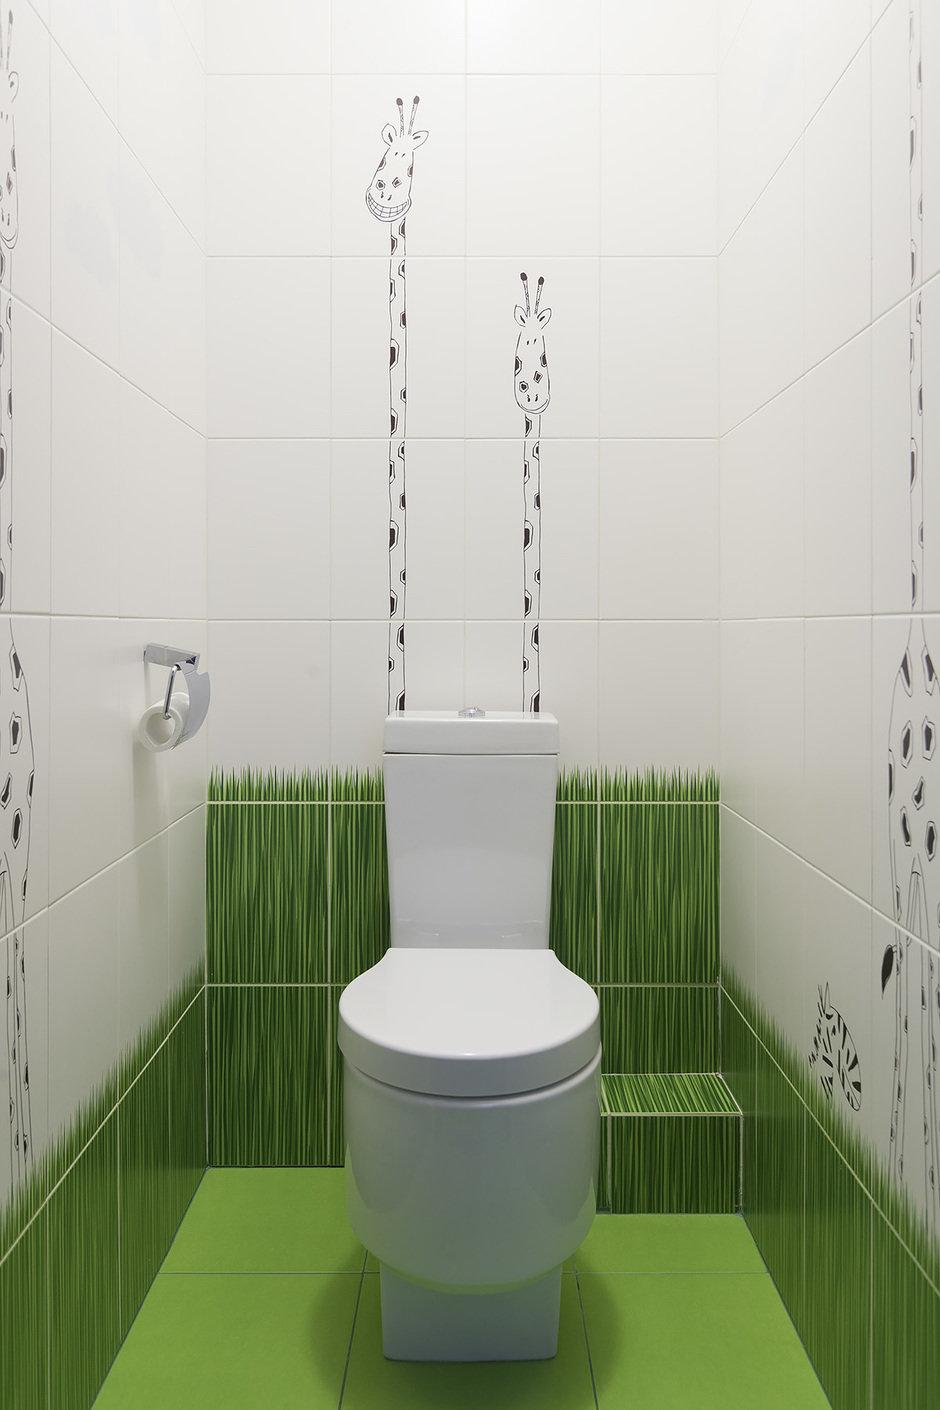 Фотография: Ванная в стиле Современный, Квартира, Проект недели, Москва, Монолитный дом, 3 комнаты, Более 90 метров, ЖК «Богородский», Дарья Лукина – фото на InMyRoom.ru